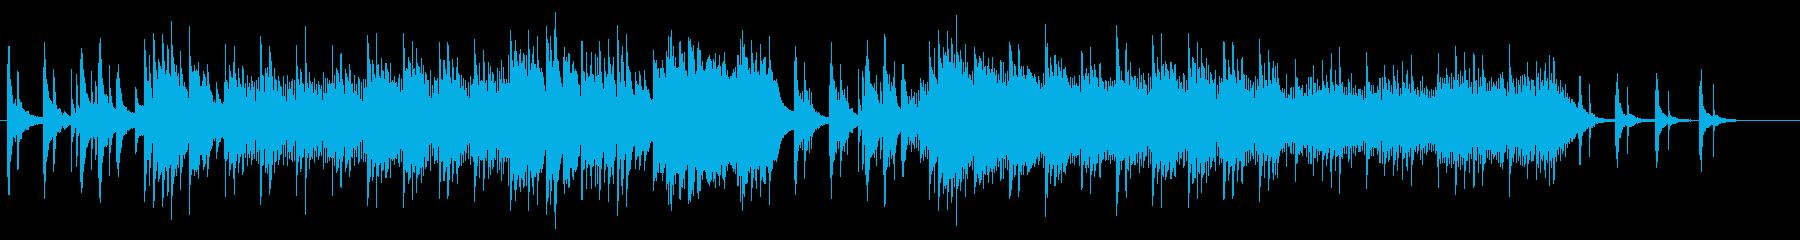 雪と桜を表現したピアノ独奏曲の再生済みの波形